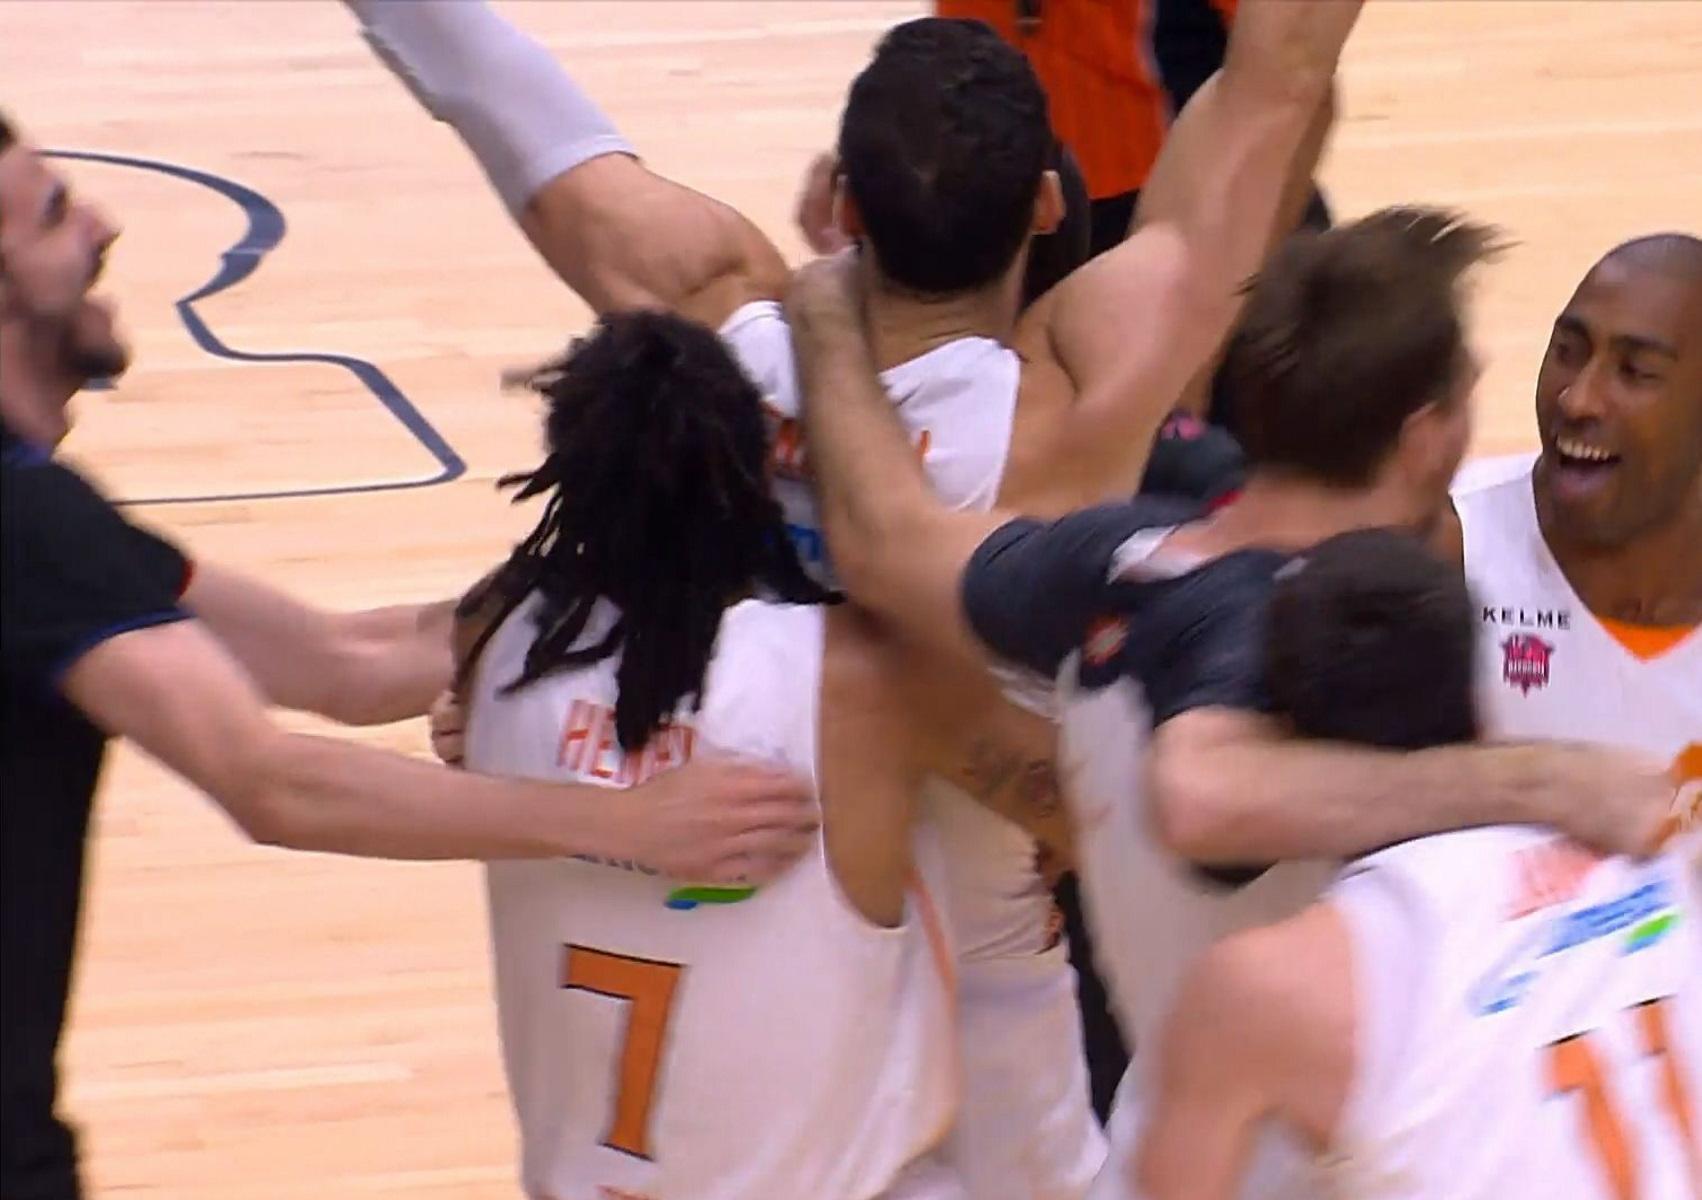 """Η Μπασκόνια πρωταθλήτρια Ισπανίας μετά από 10 χρόνια με νίκη """"θρίλερ"""" επί της Μπαρτσελόνα"""